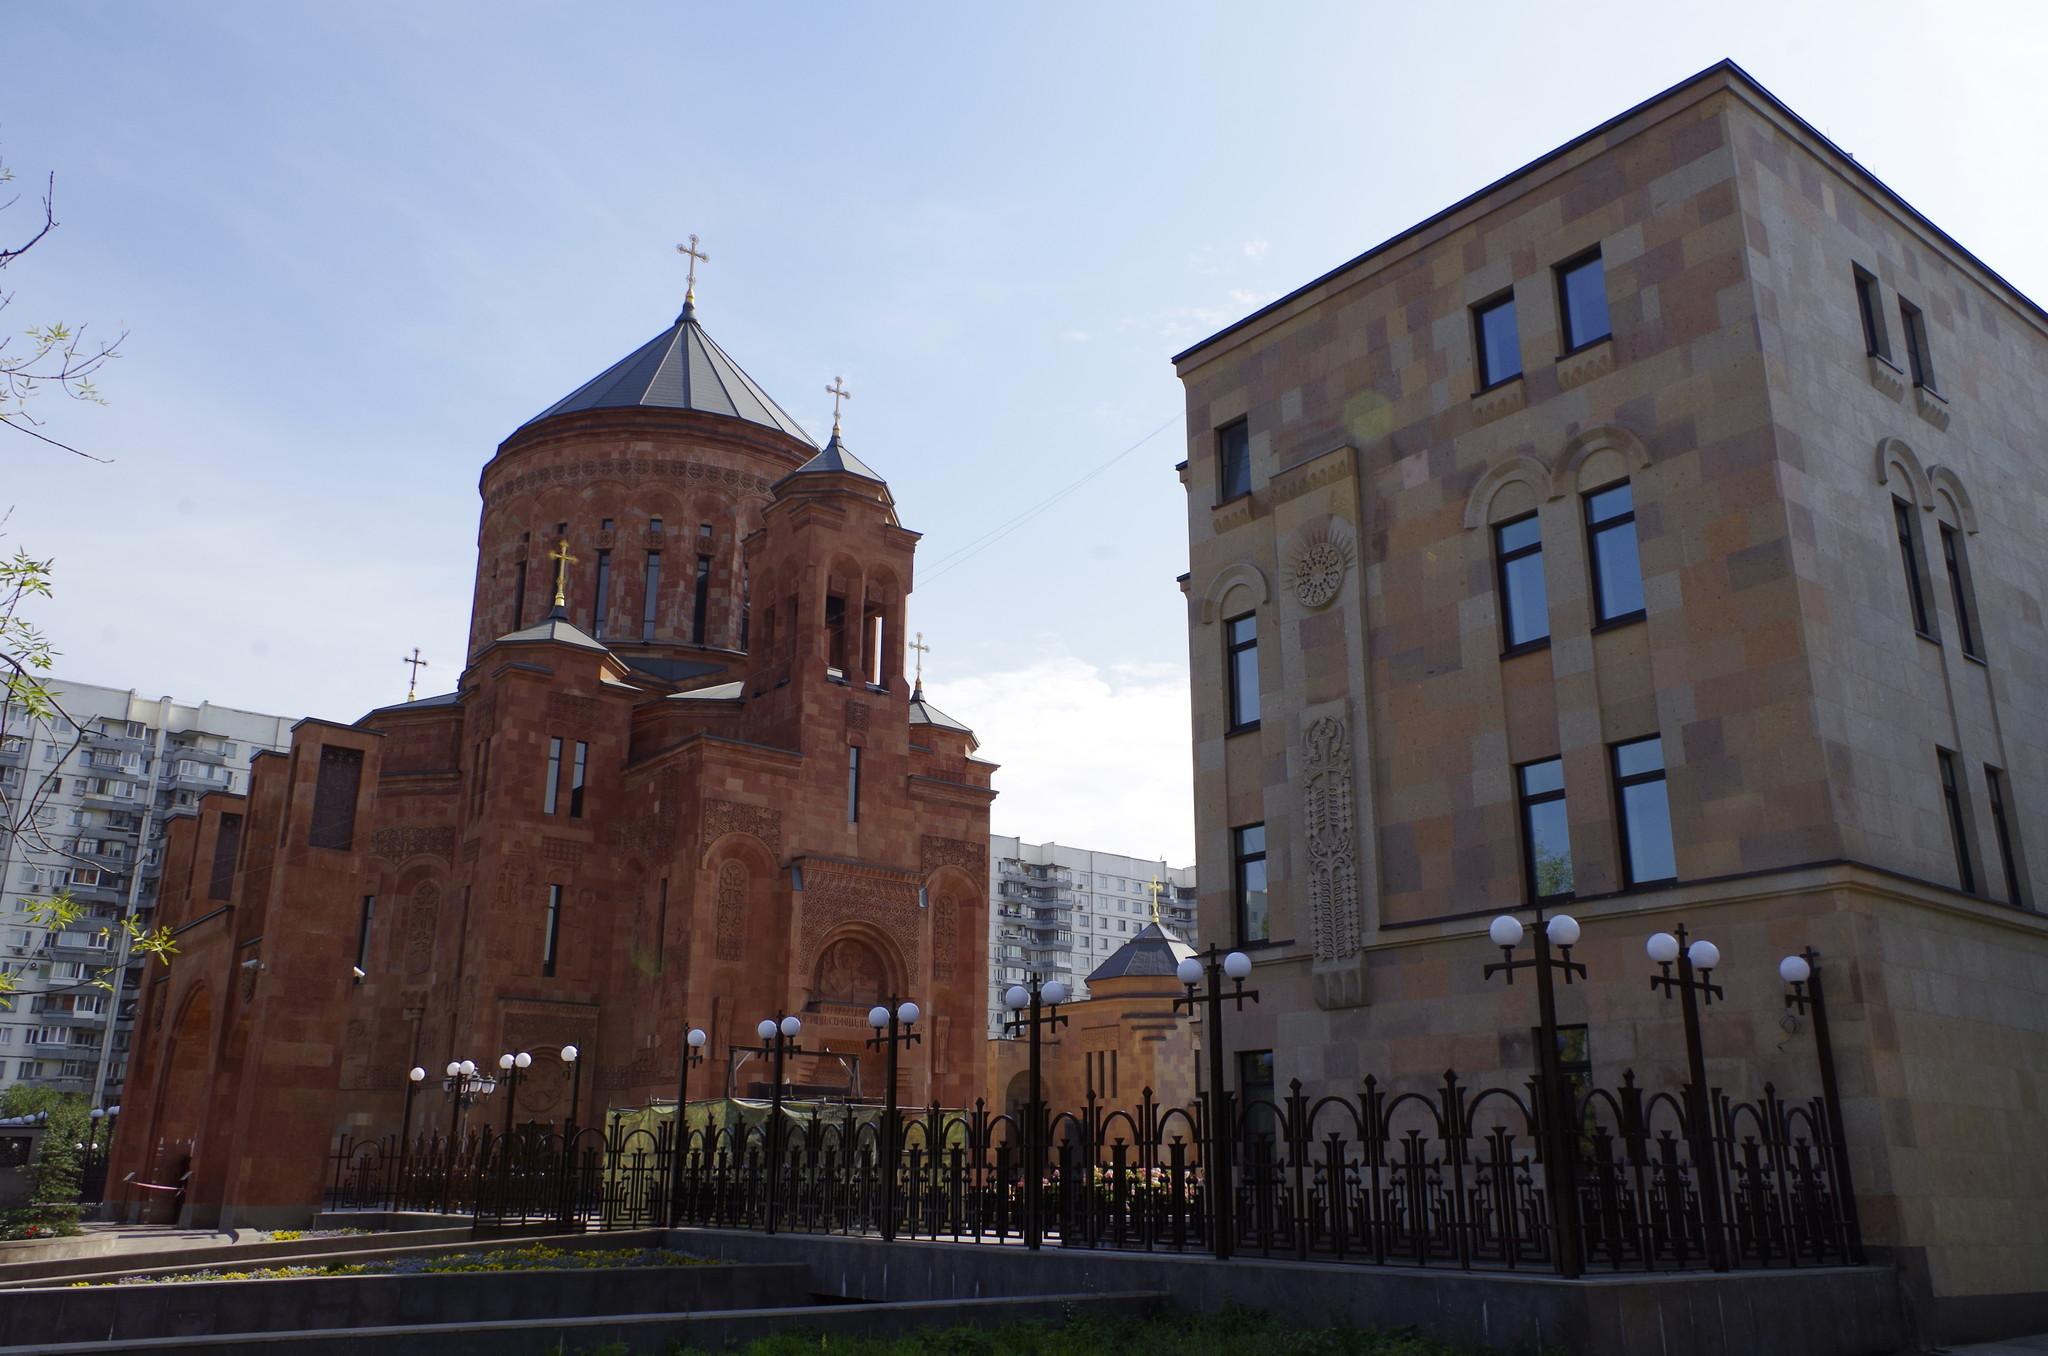 Храмовый комплекс Армянской апостольской церкви на пересечении Олимпийского проспекта и Трифоновской улицы